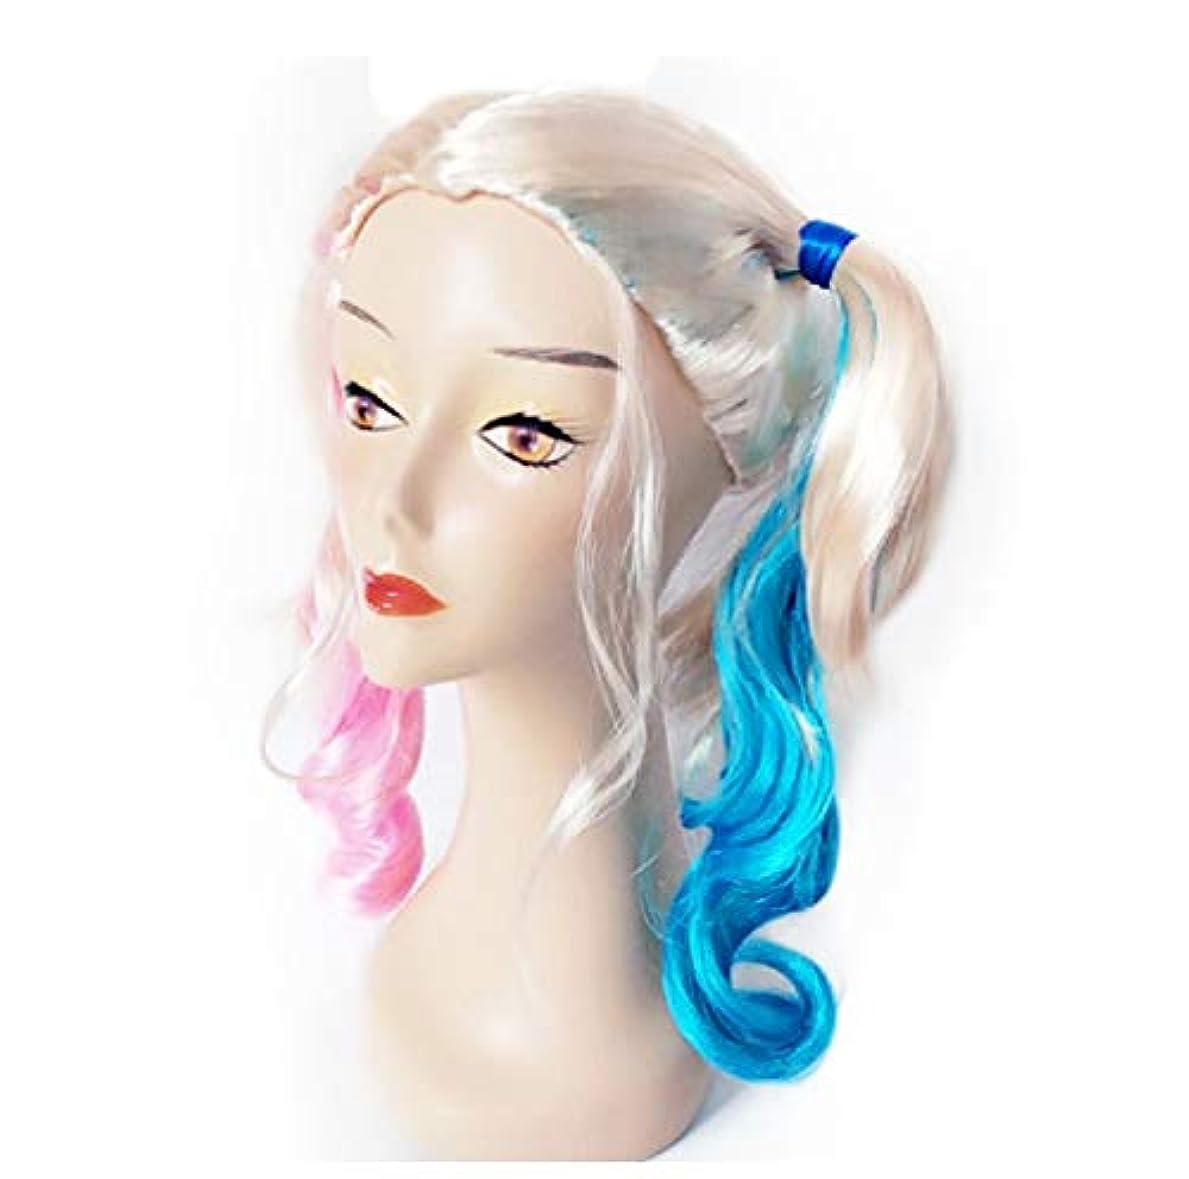 全能変換解明する女性ピエロウィッグフォームサーカスコミック鼻マスクパーティー用品コスプレ衣装マジックドレスパーティー用品ハロウィントリックパーティーの好意